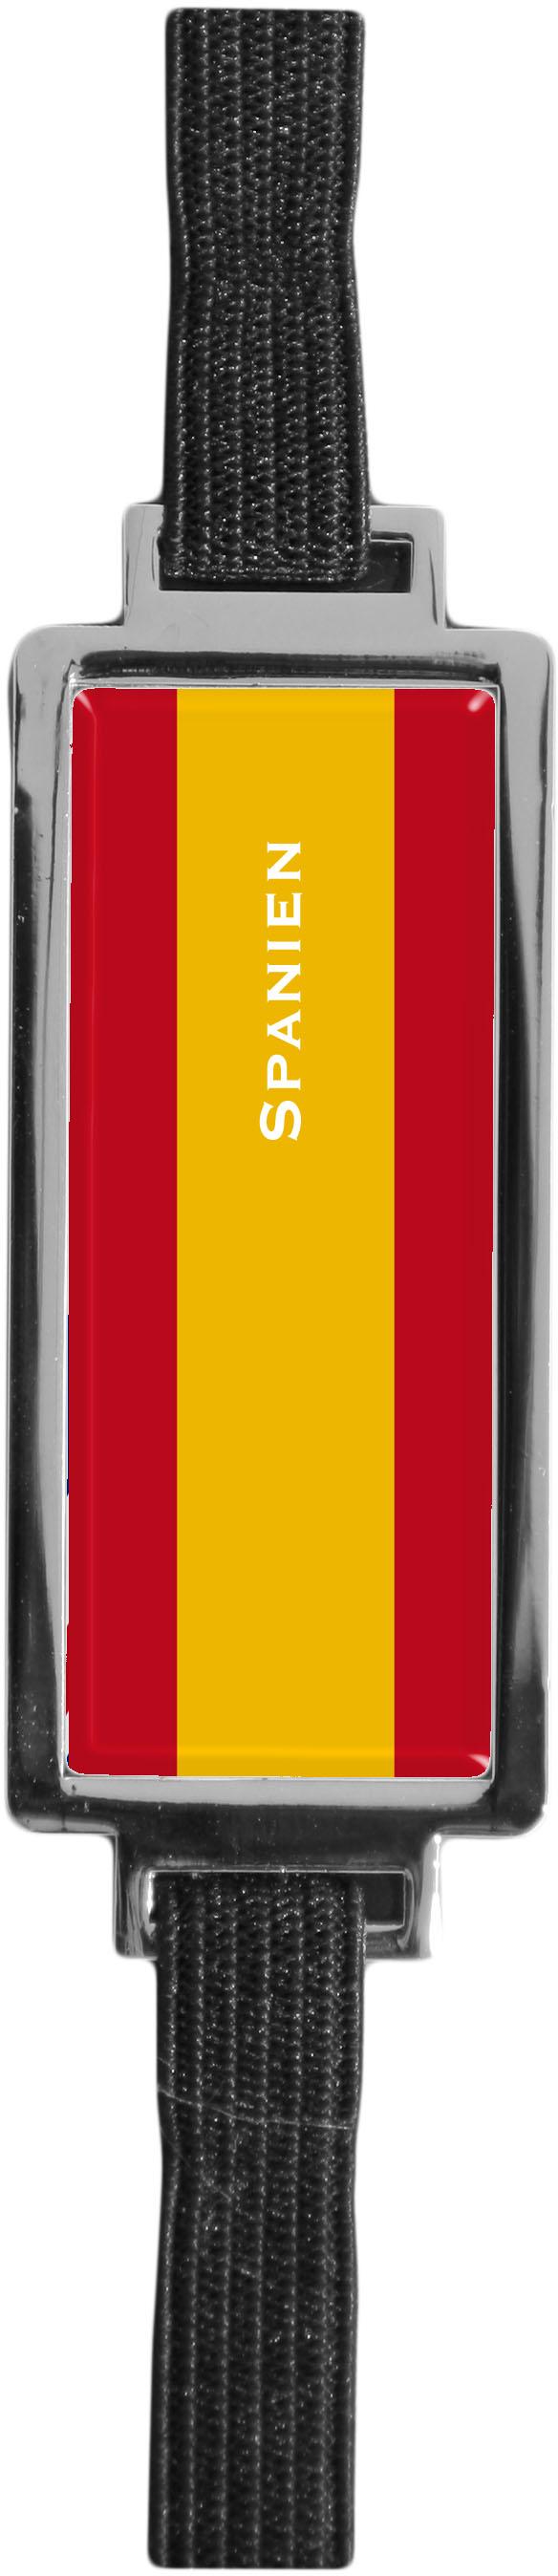 """Metall - Lesezeichen  """"Spanien"""""""